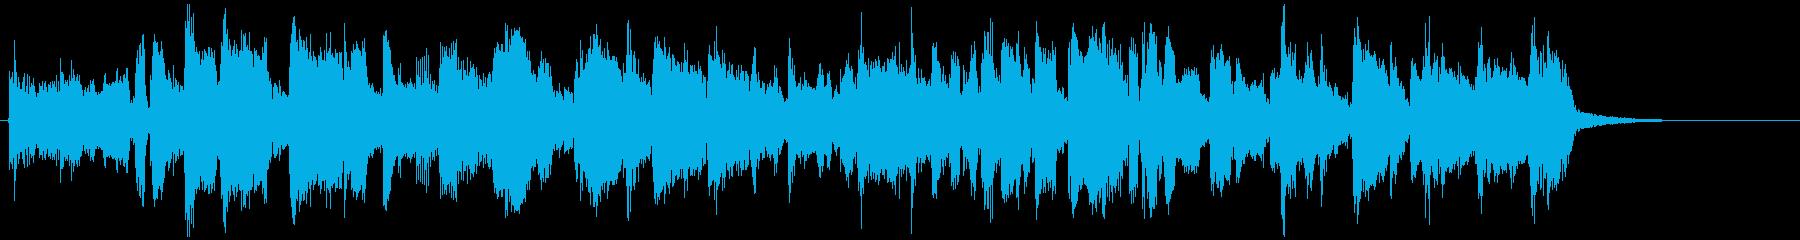 フュージョン系ファンクの15秒ジングルの再生済みの波形